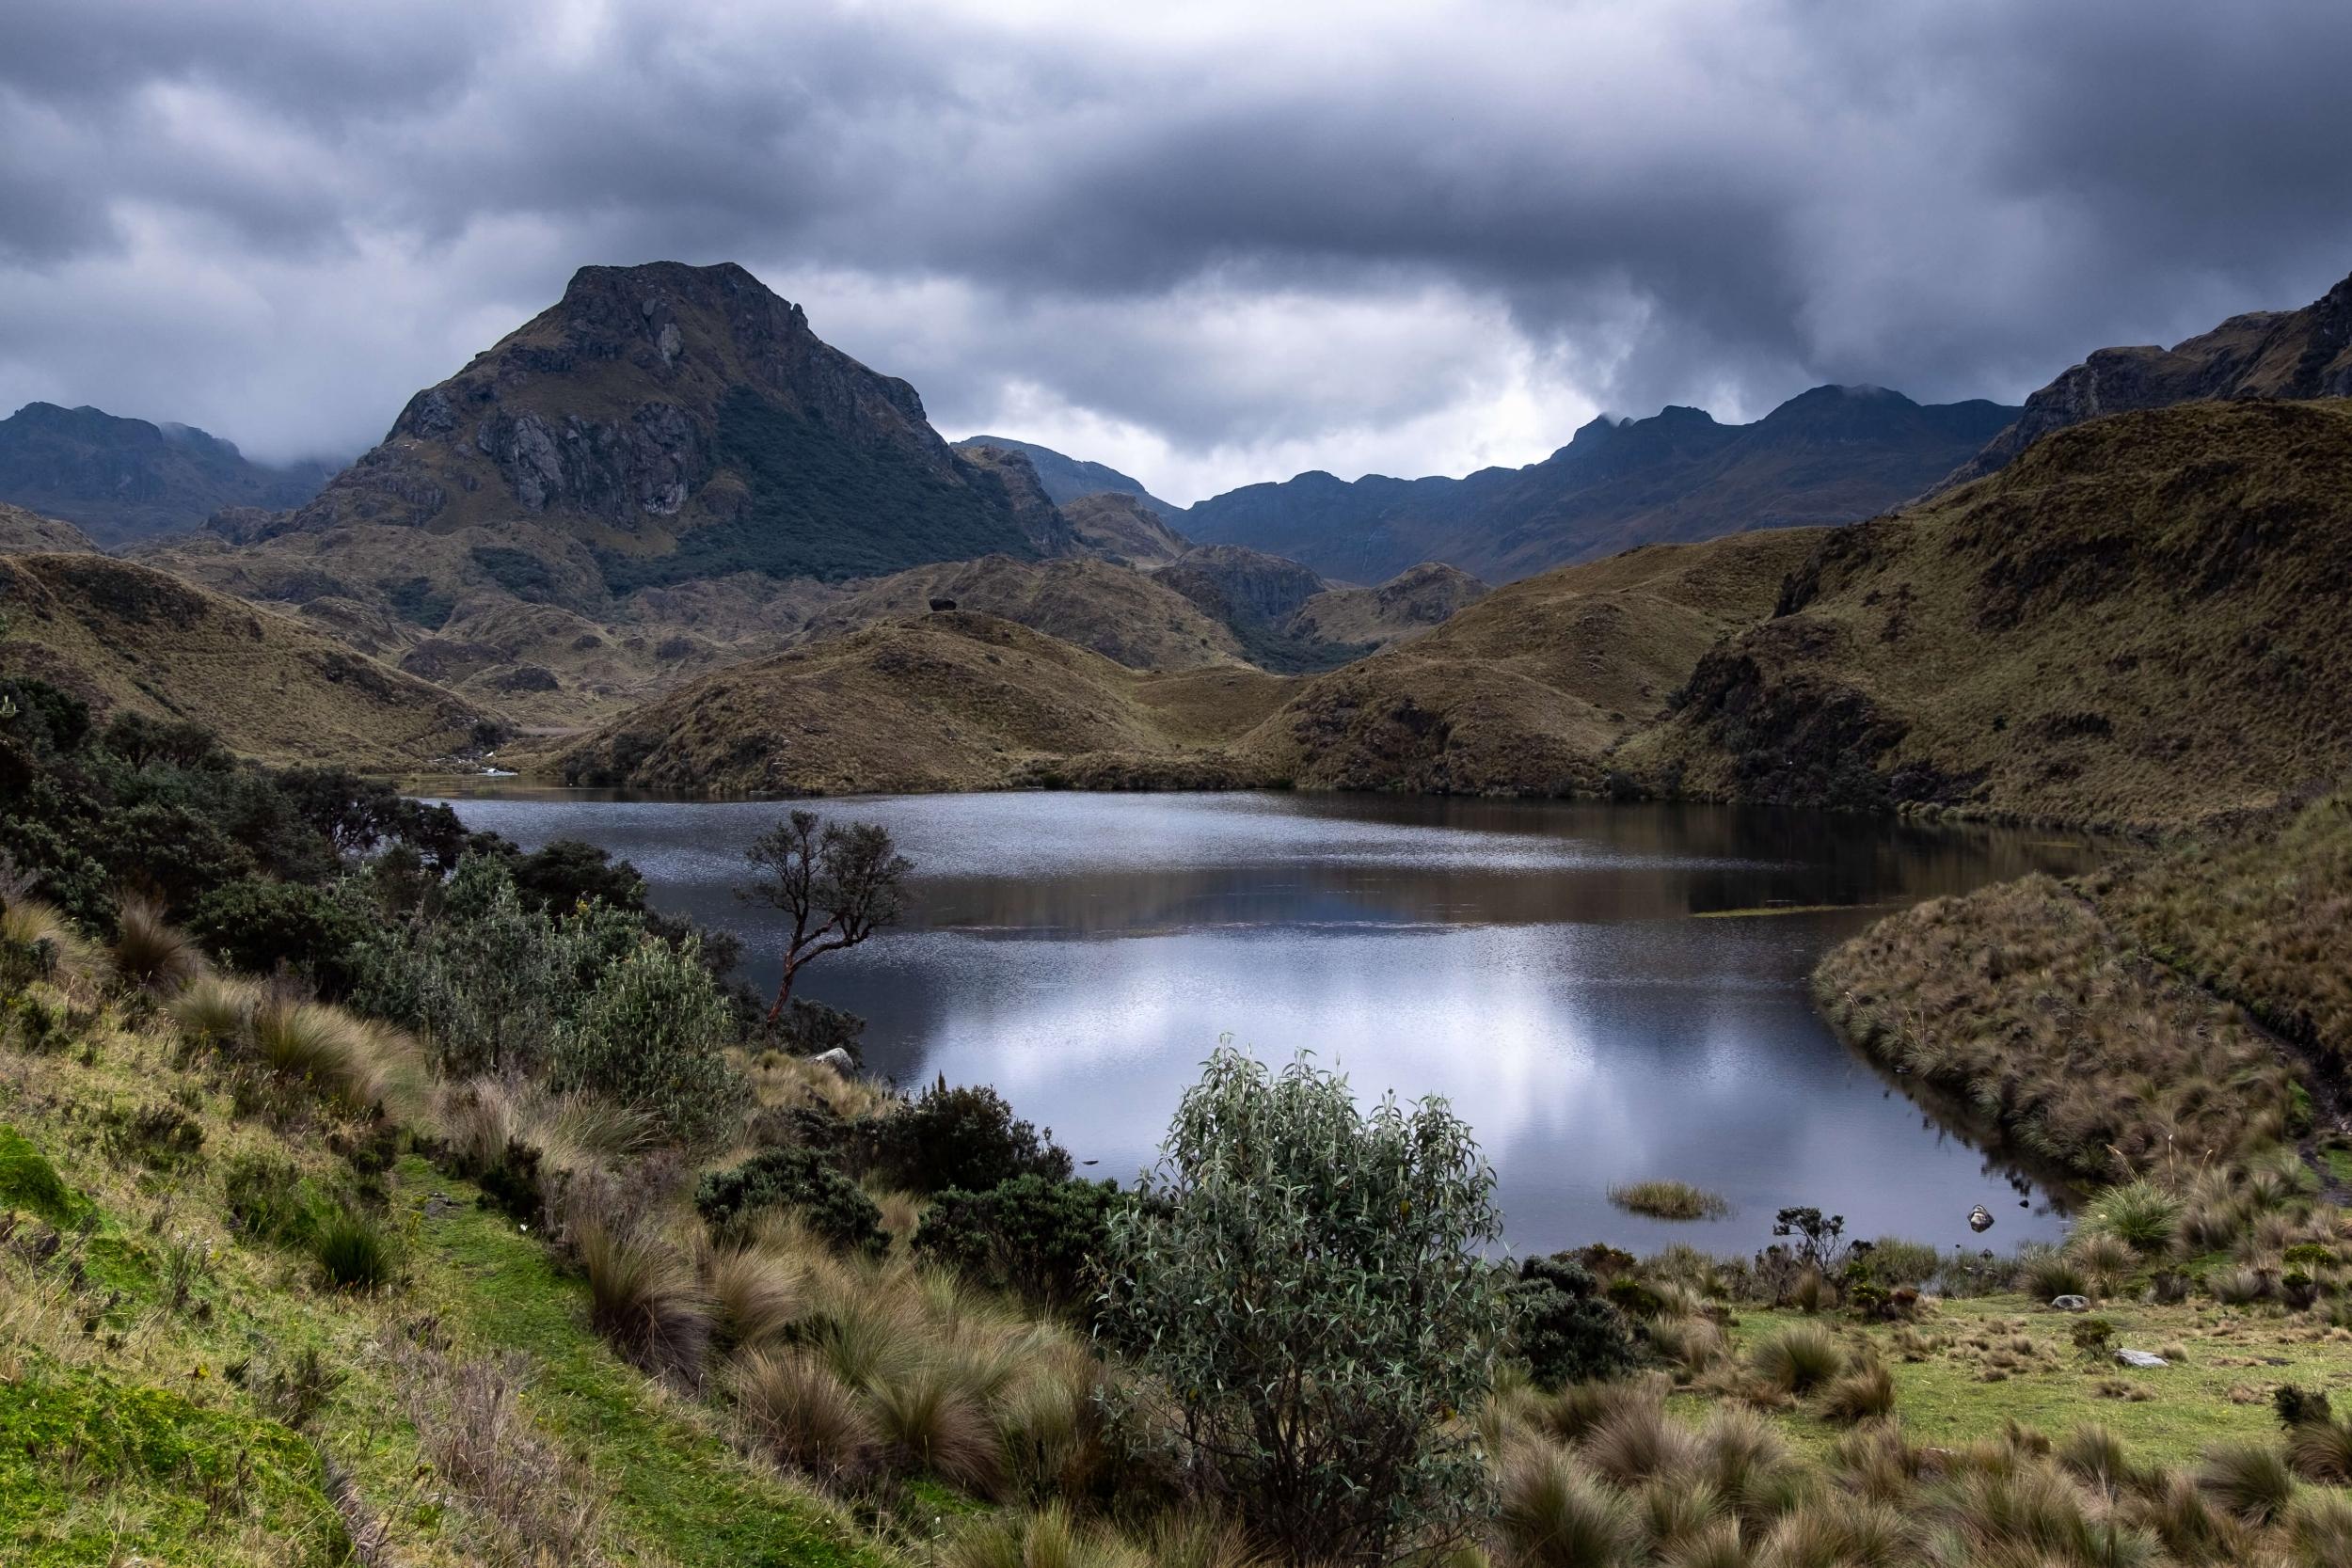 Cuenca, Cajas, Parc National Cajas, Voyage en Equateur, Blog Equateur, Blog voyage, Blog de photographie